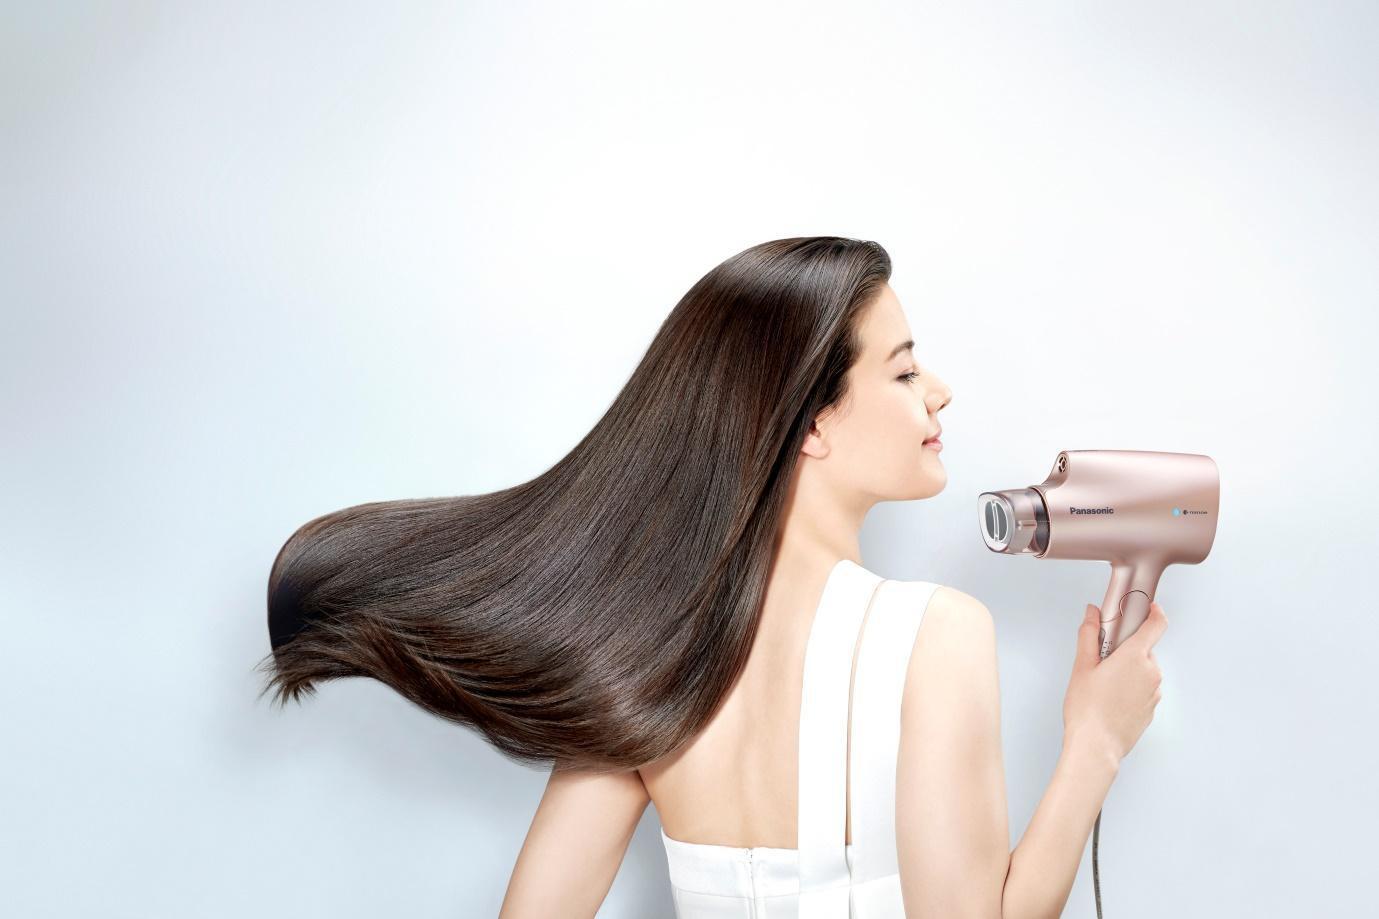 Hé lộ tuyệt chiêu khiến mái tóc bồng bềnh óng mượt của nàng sành điệu - Ảnh 2.